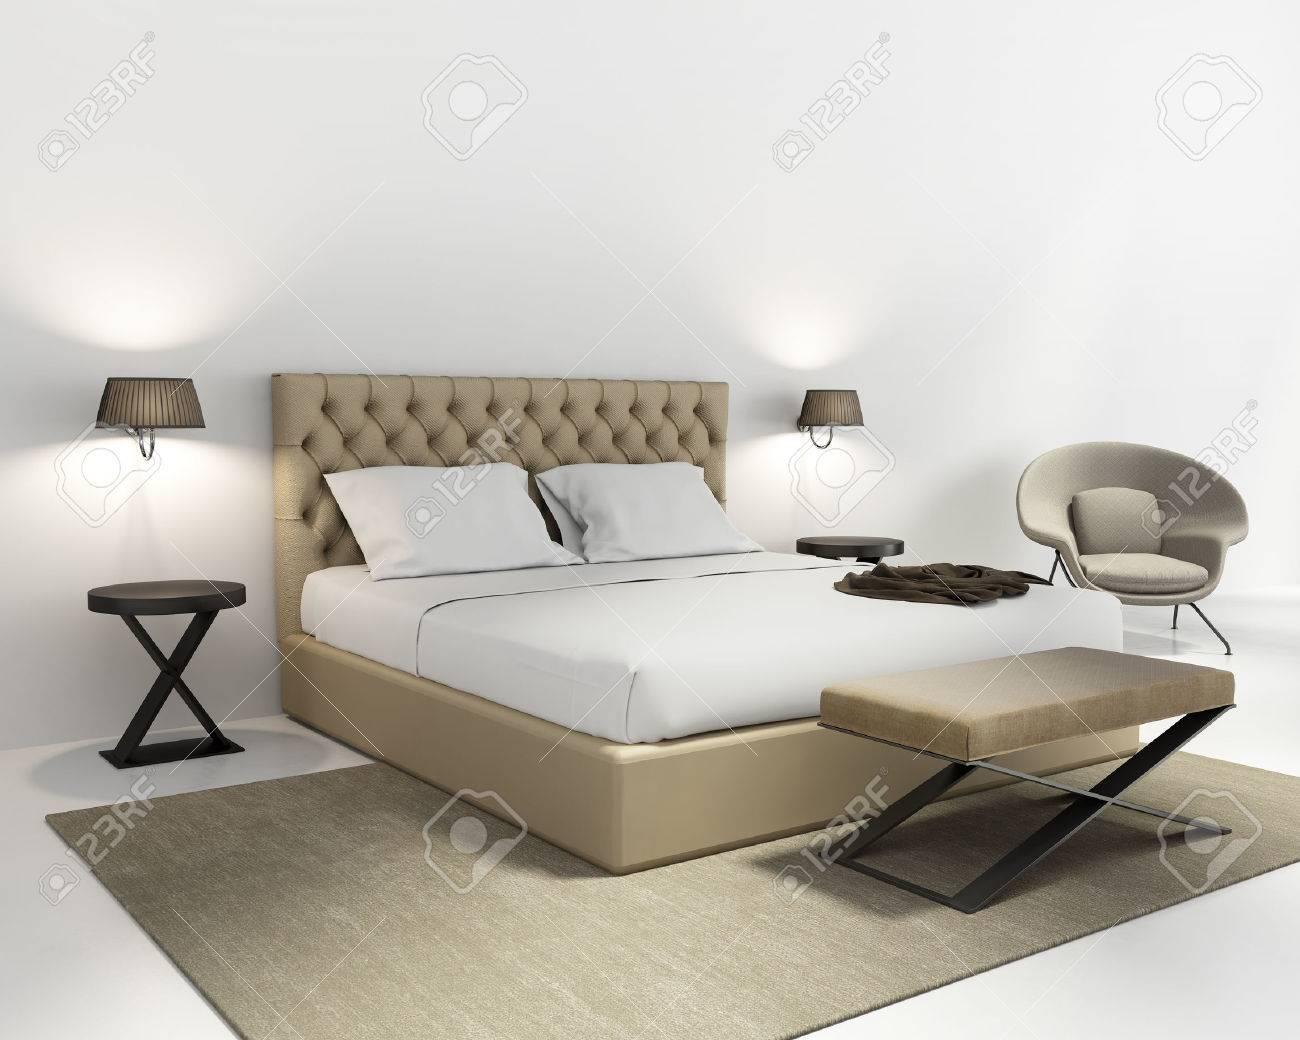 Full Size of Teppich Schlafzimmer Beige Luxus Mit Zeitgenssischen Lizenzfreie Wohnzimmer Tapeten Schränke Set Stehlampe Matratze Und Lattenrost Bad Günstige Stuhl Für Schlafzimmer Teppich Schlafzimmer